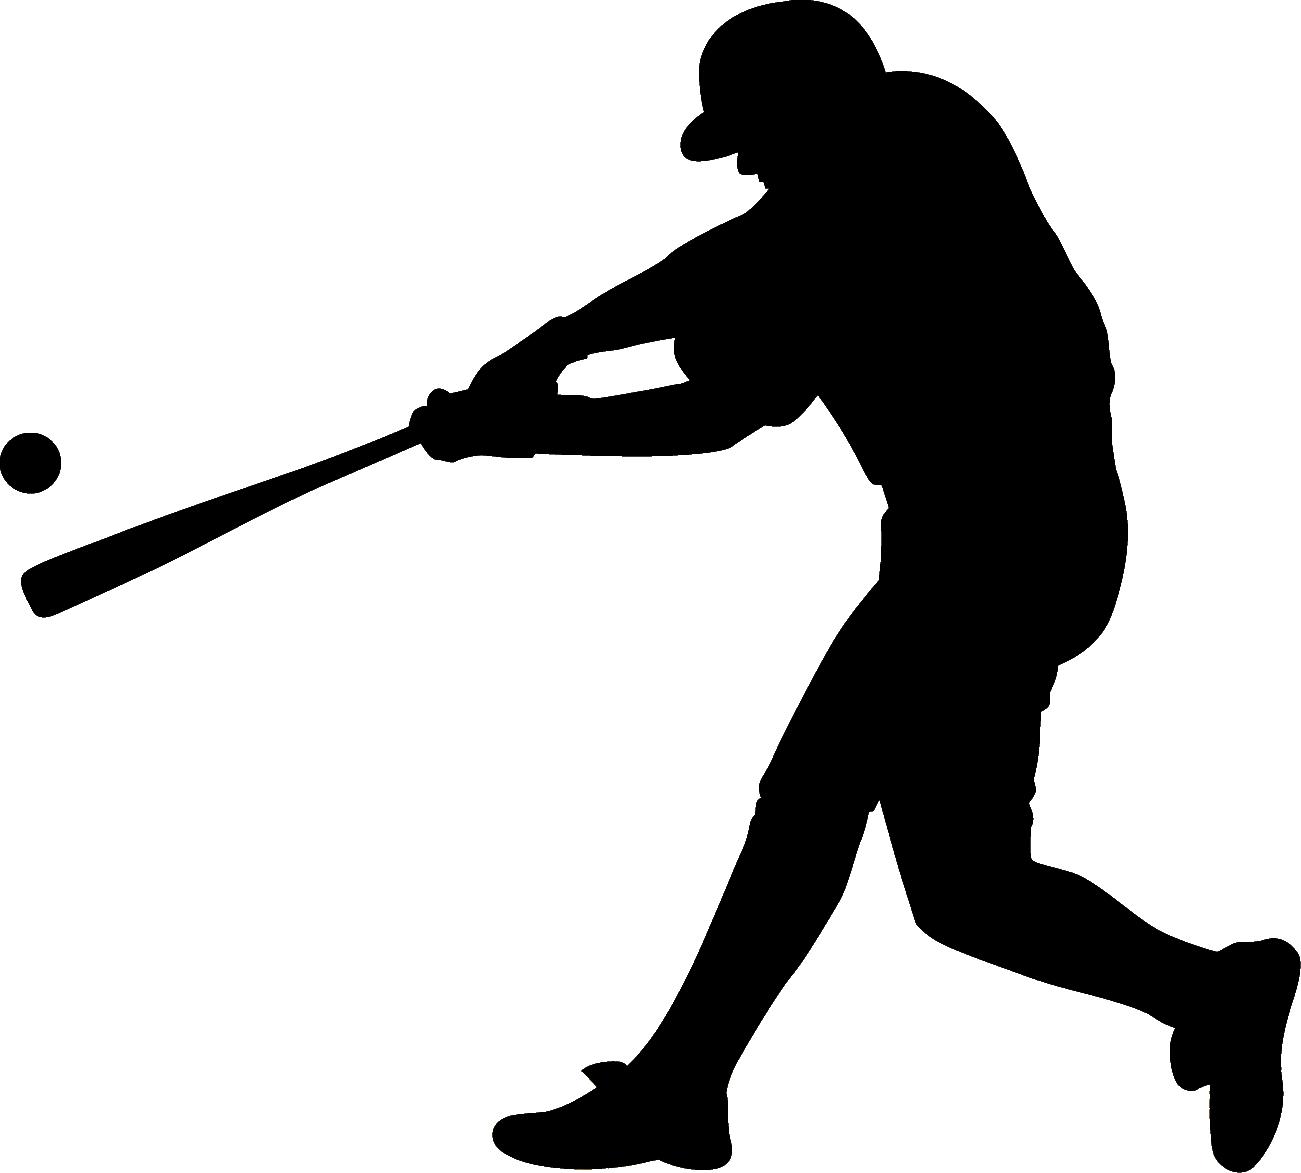 Baseball Batting Silhouette Clip art.